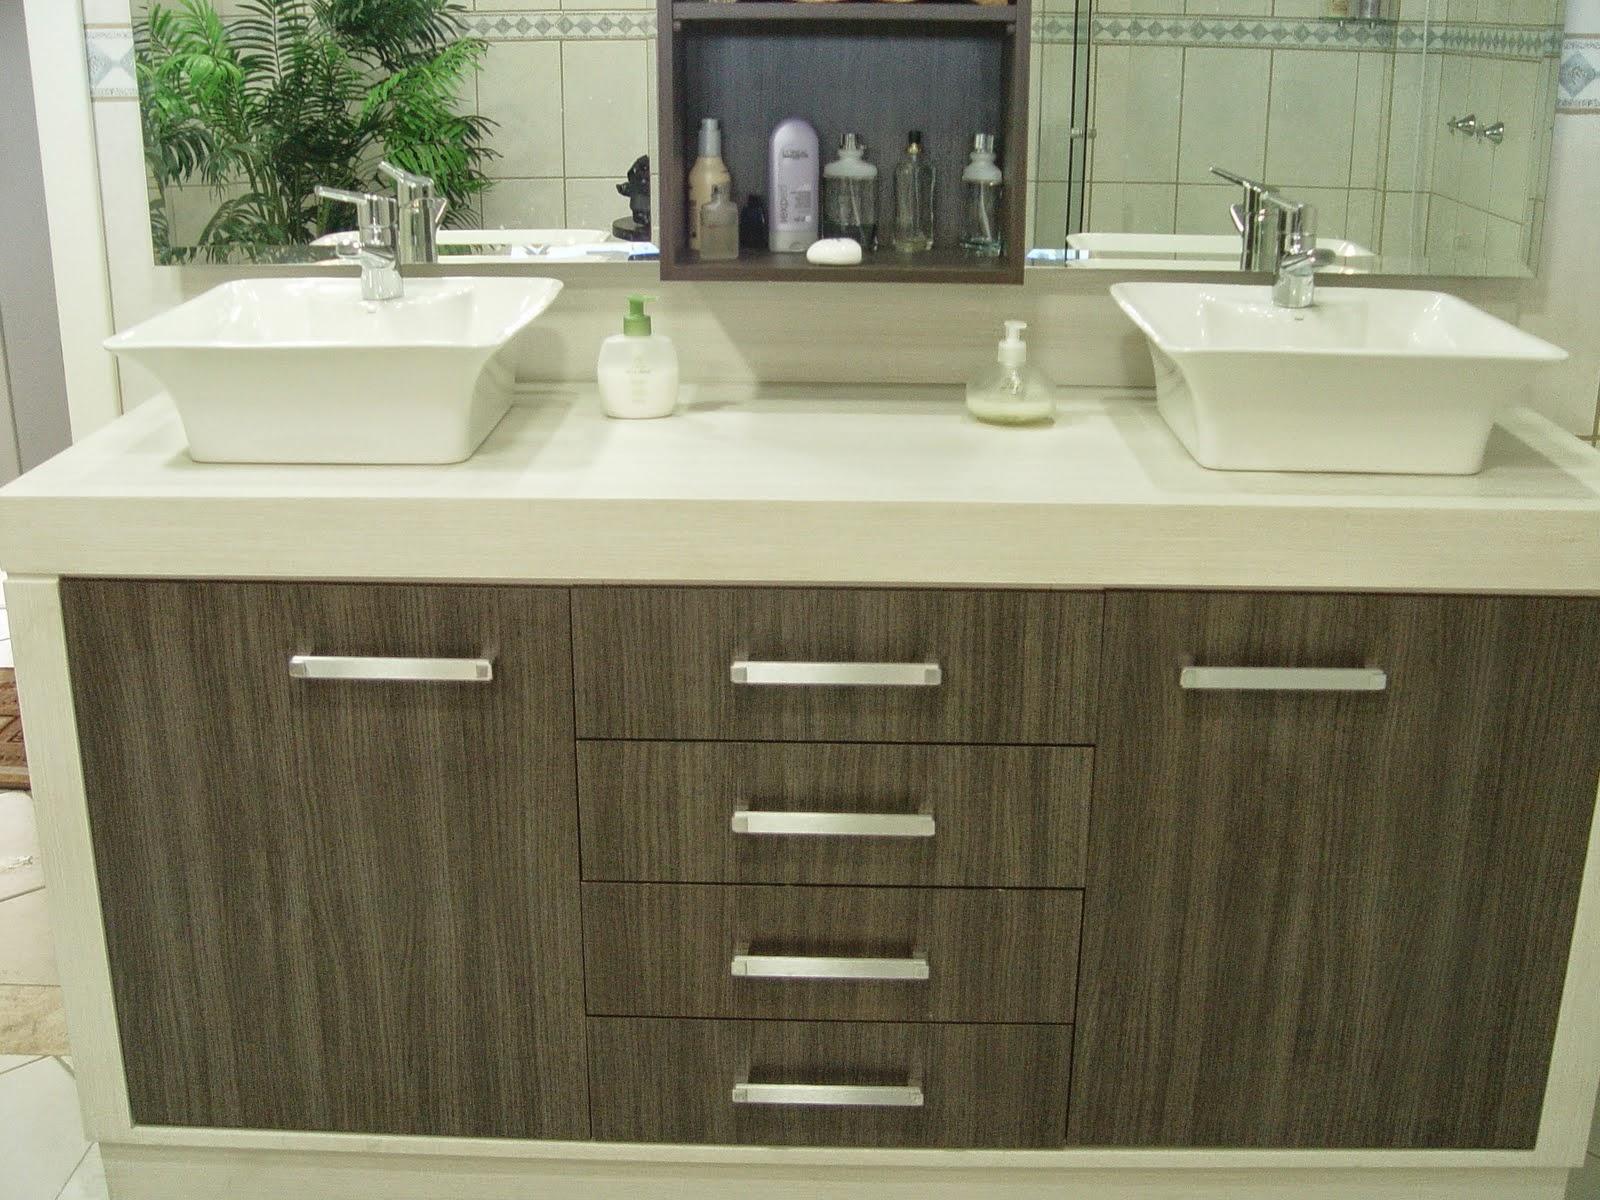 MC moveis planejados.: Balcão para banheiro sob medida. #486439 1600x1200 Balcão Para Banheiro Bosi